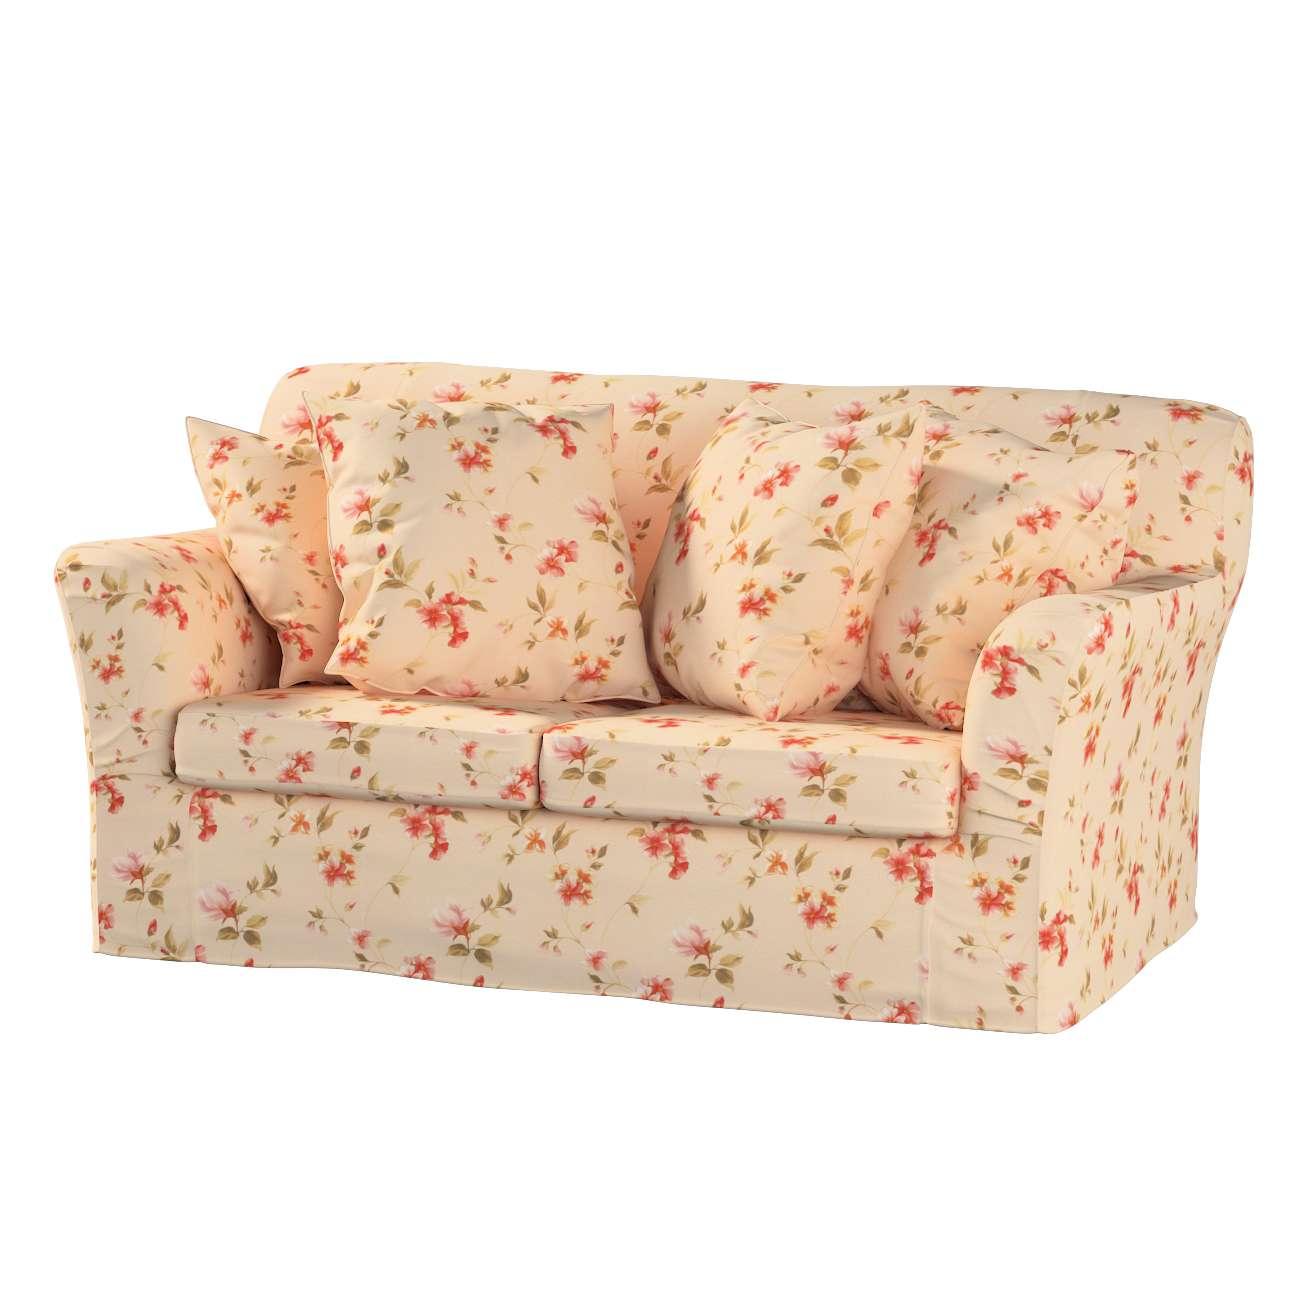 Pokrowiec na sofę Tomelilla 2-osobową nierozkładaną w kolekcji Londres, tkanina: 124-05